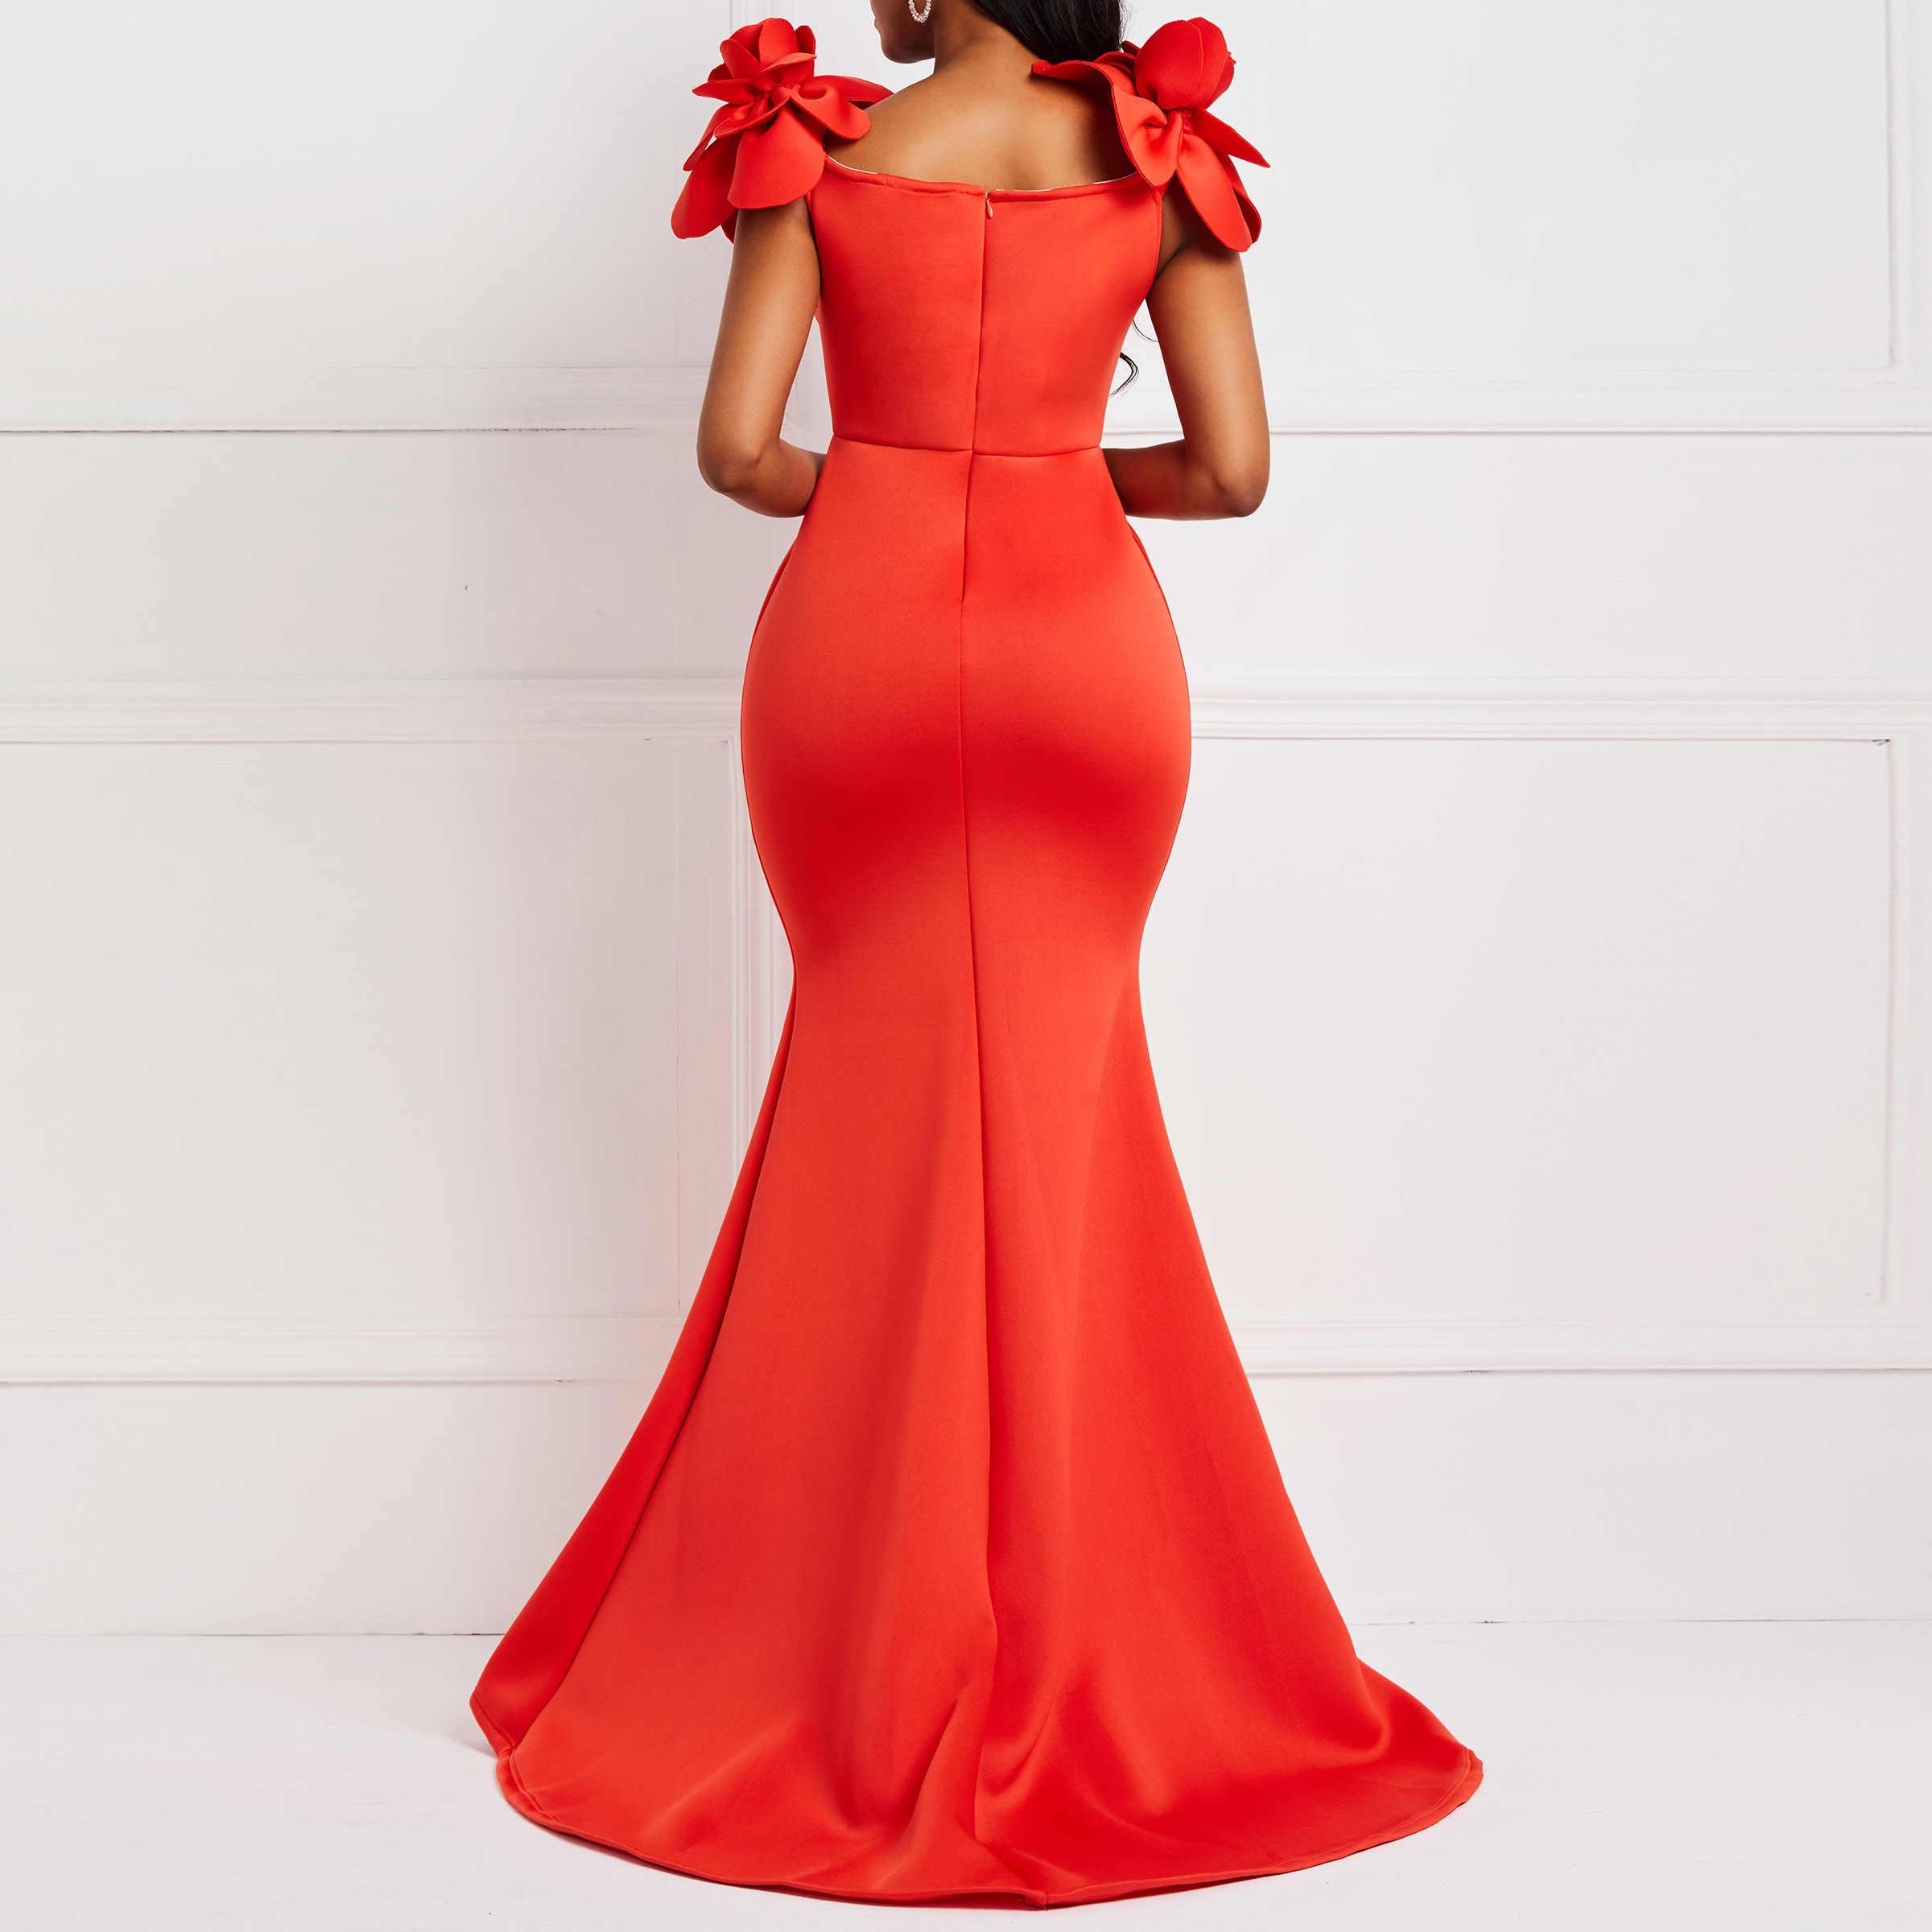 Clocolor femmes robe Sexy dames rétro sirène Maxi robe fleur été élégant élégant grande taille moulante rouge longue robes de soirée